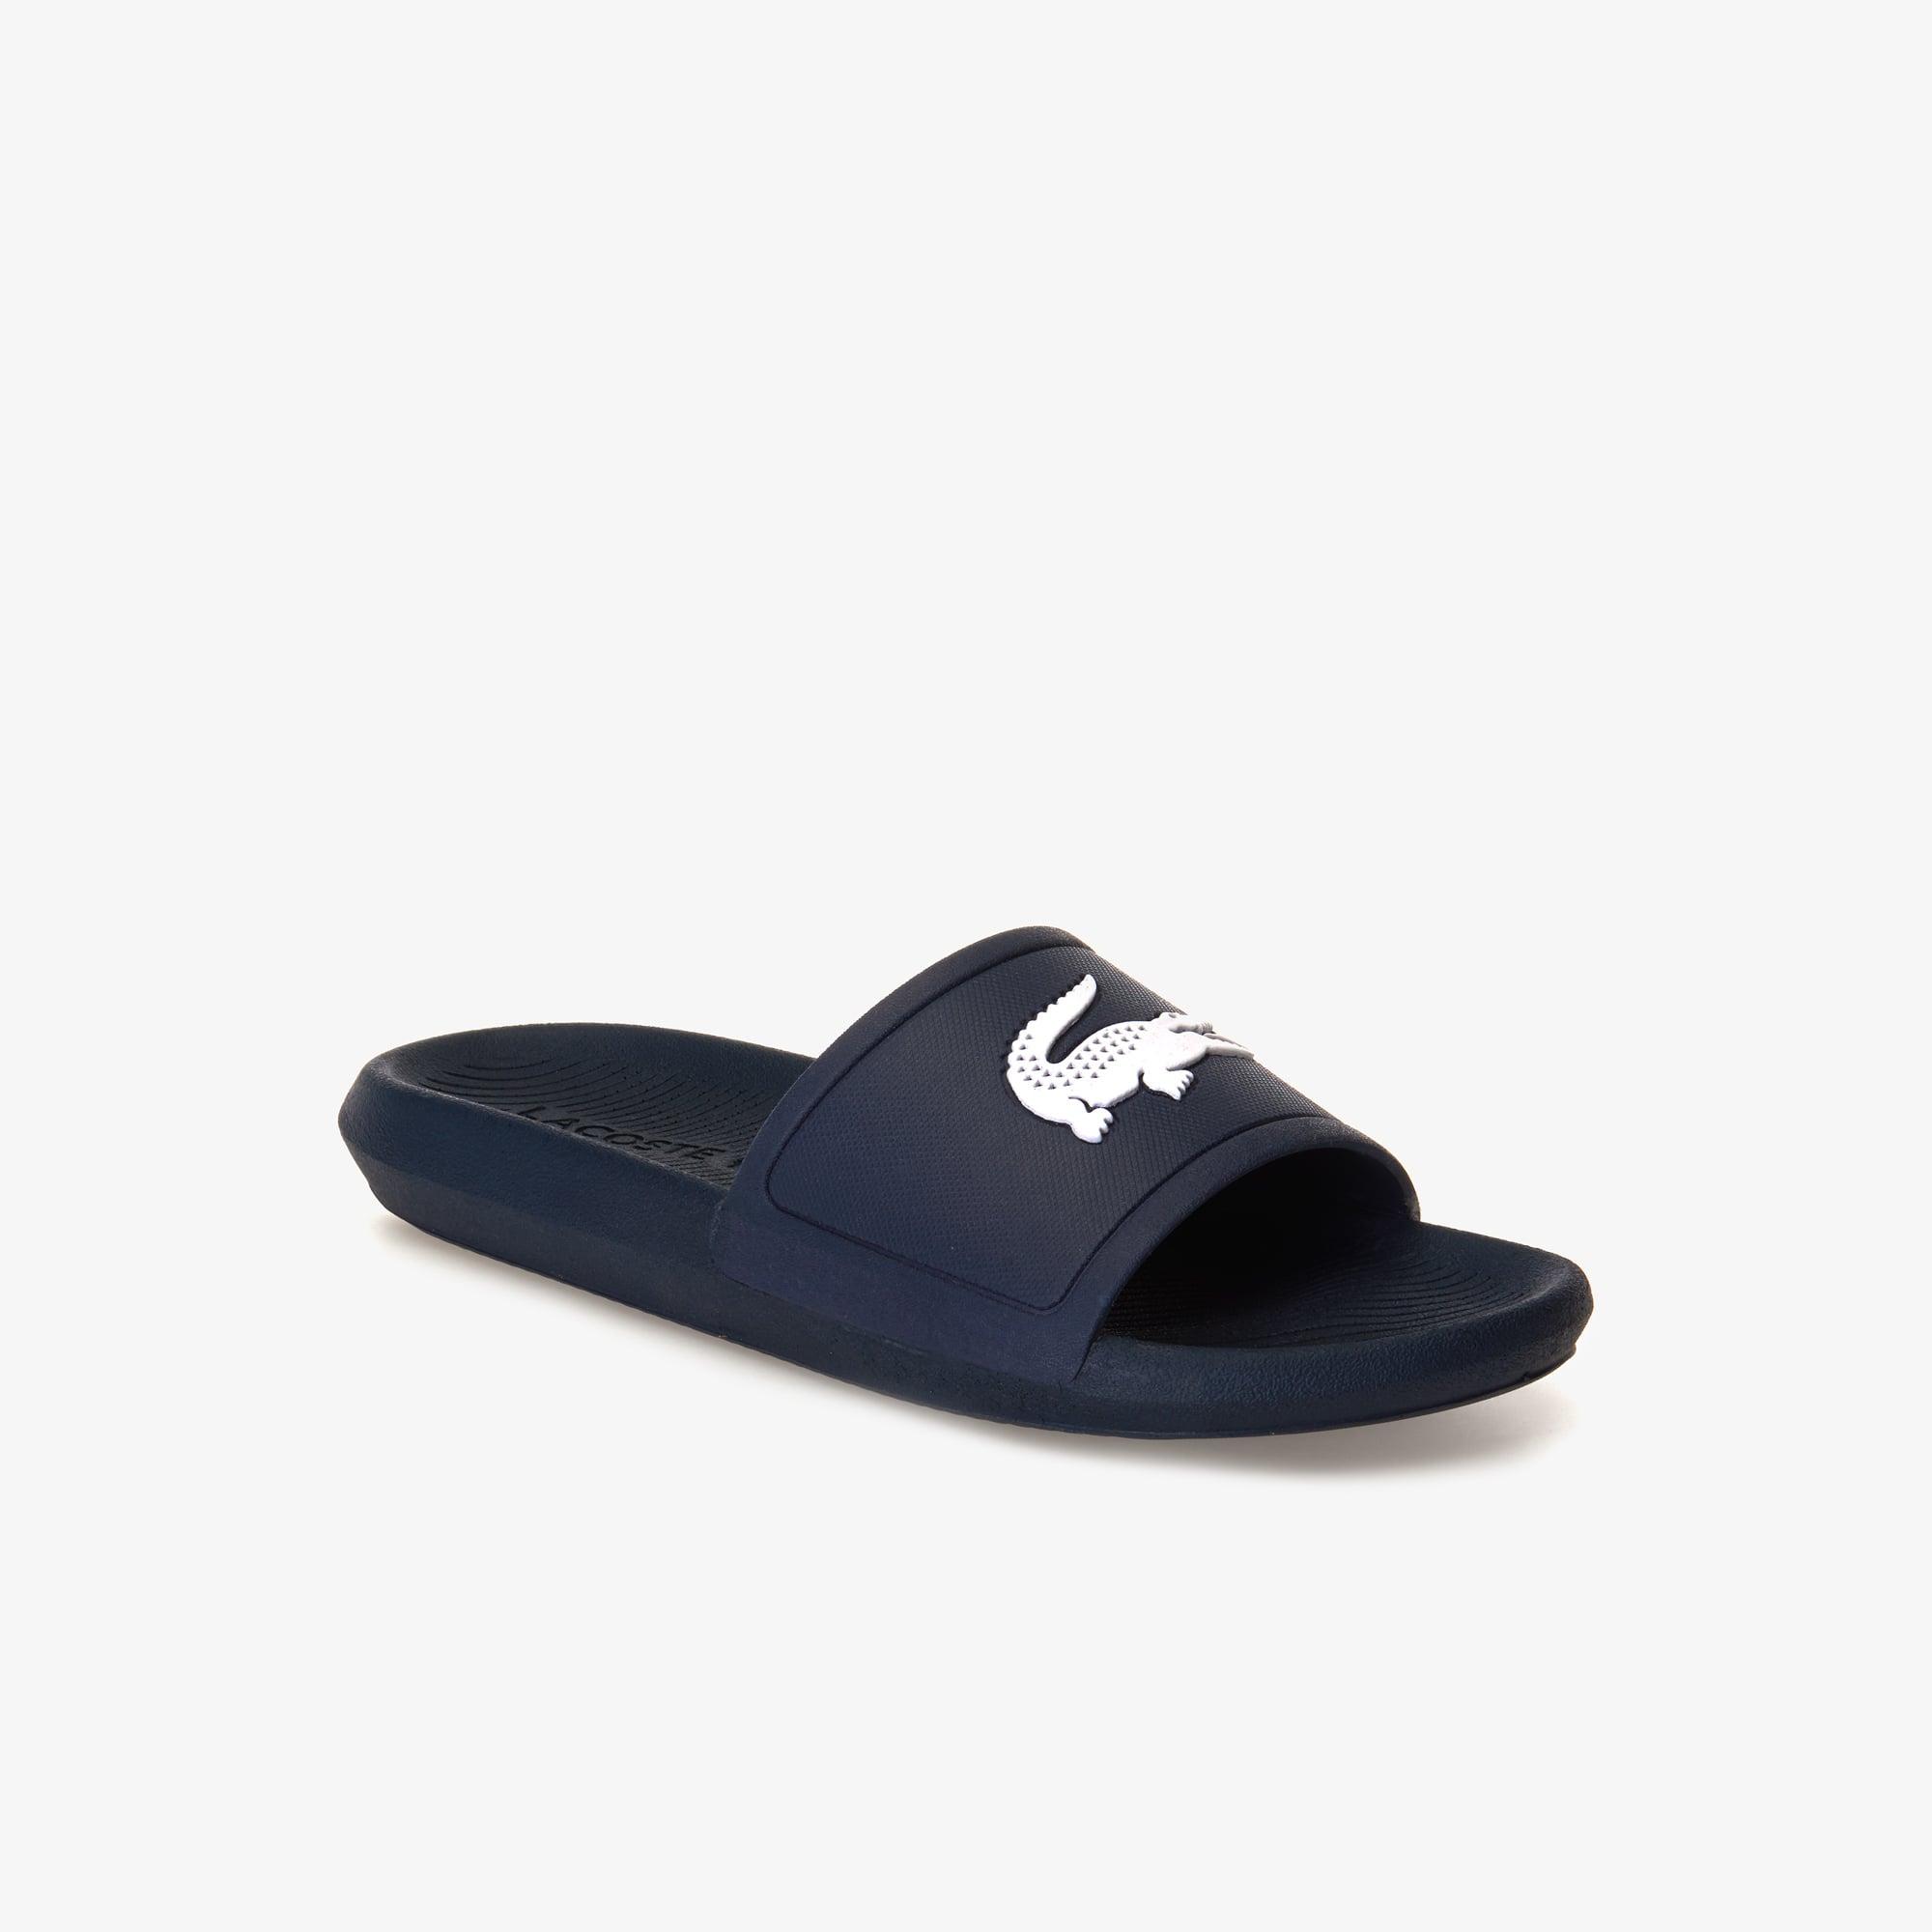 4e1dc4cc5e4 Coleção de Sandálias e chinelos